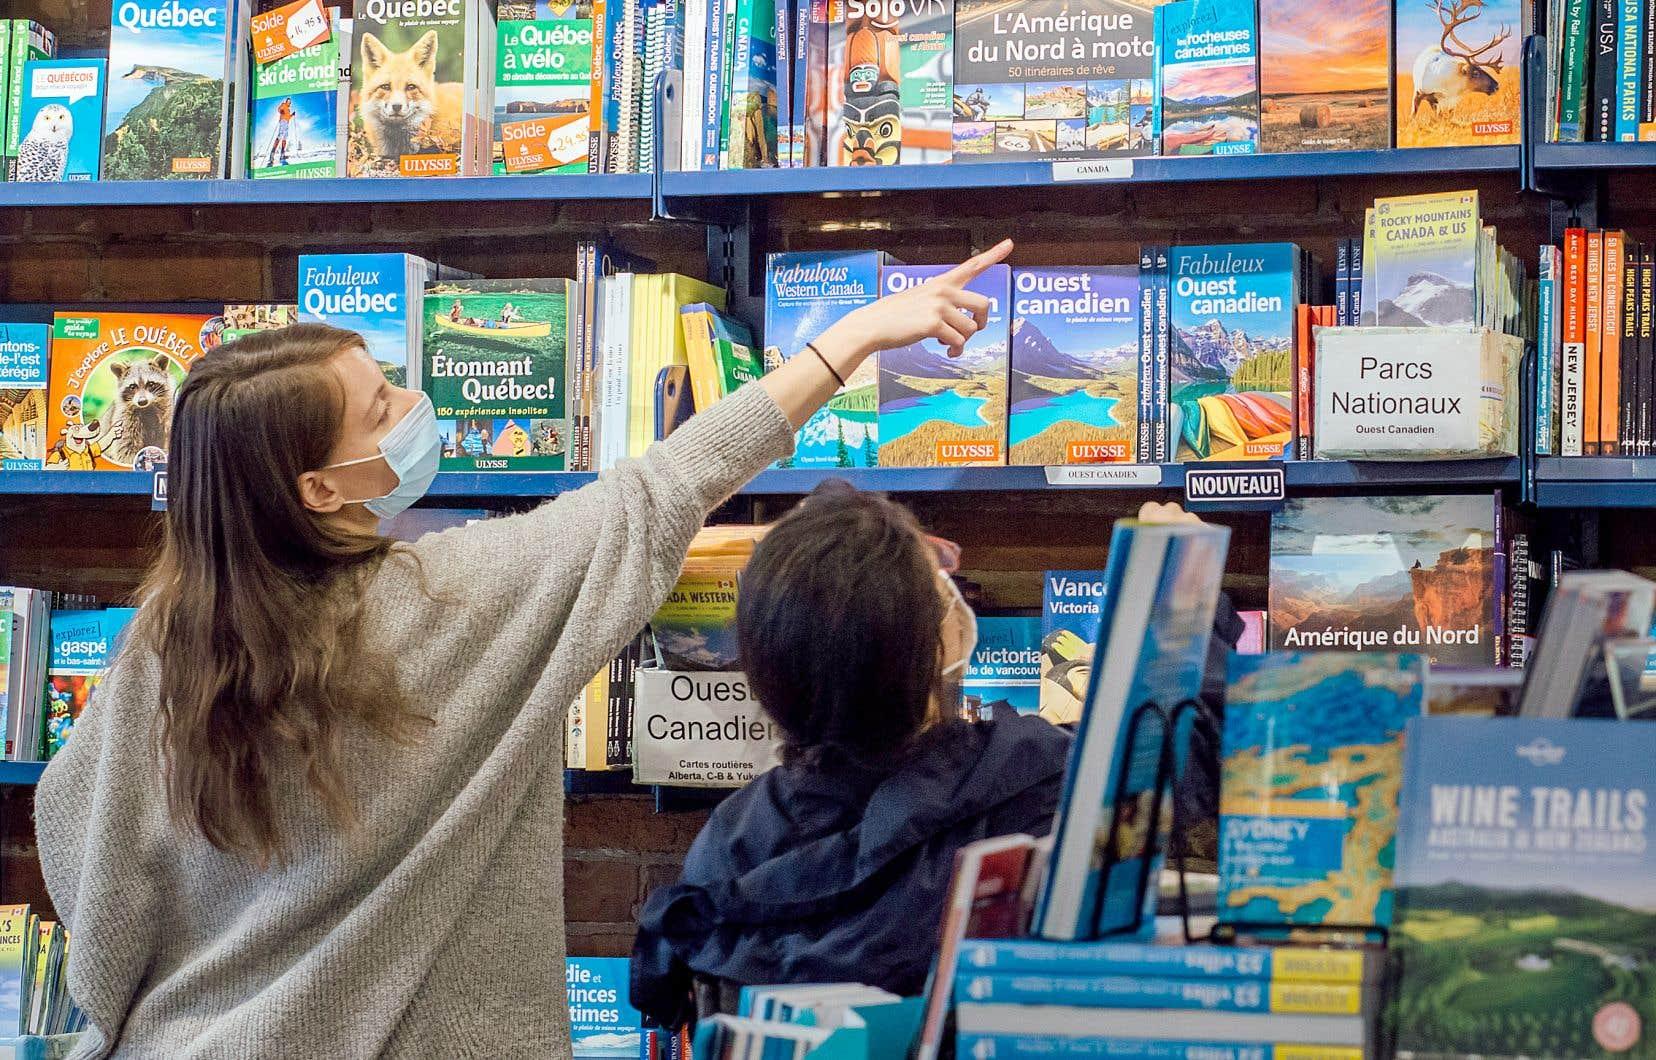 Dans la dernière année, le chiffre d'affaires de la librairie spécialisée Ulysse a connu une baisse de 50%.